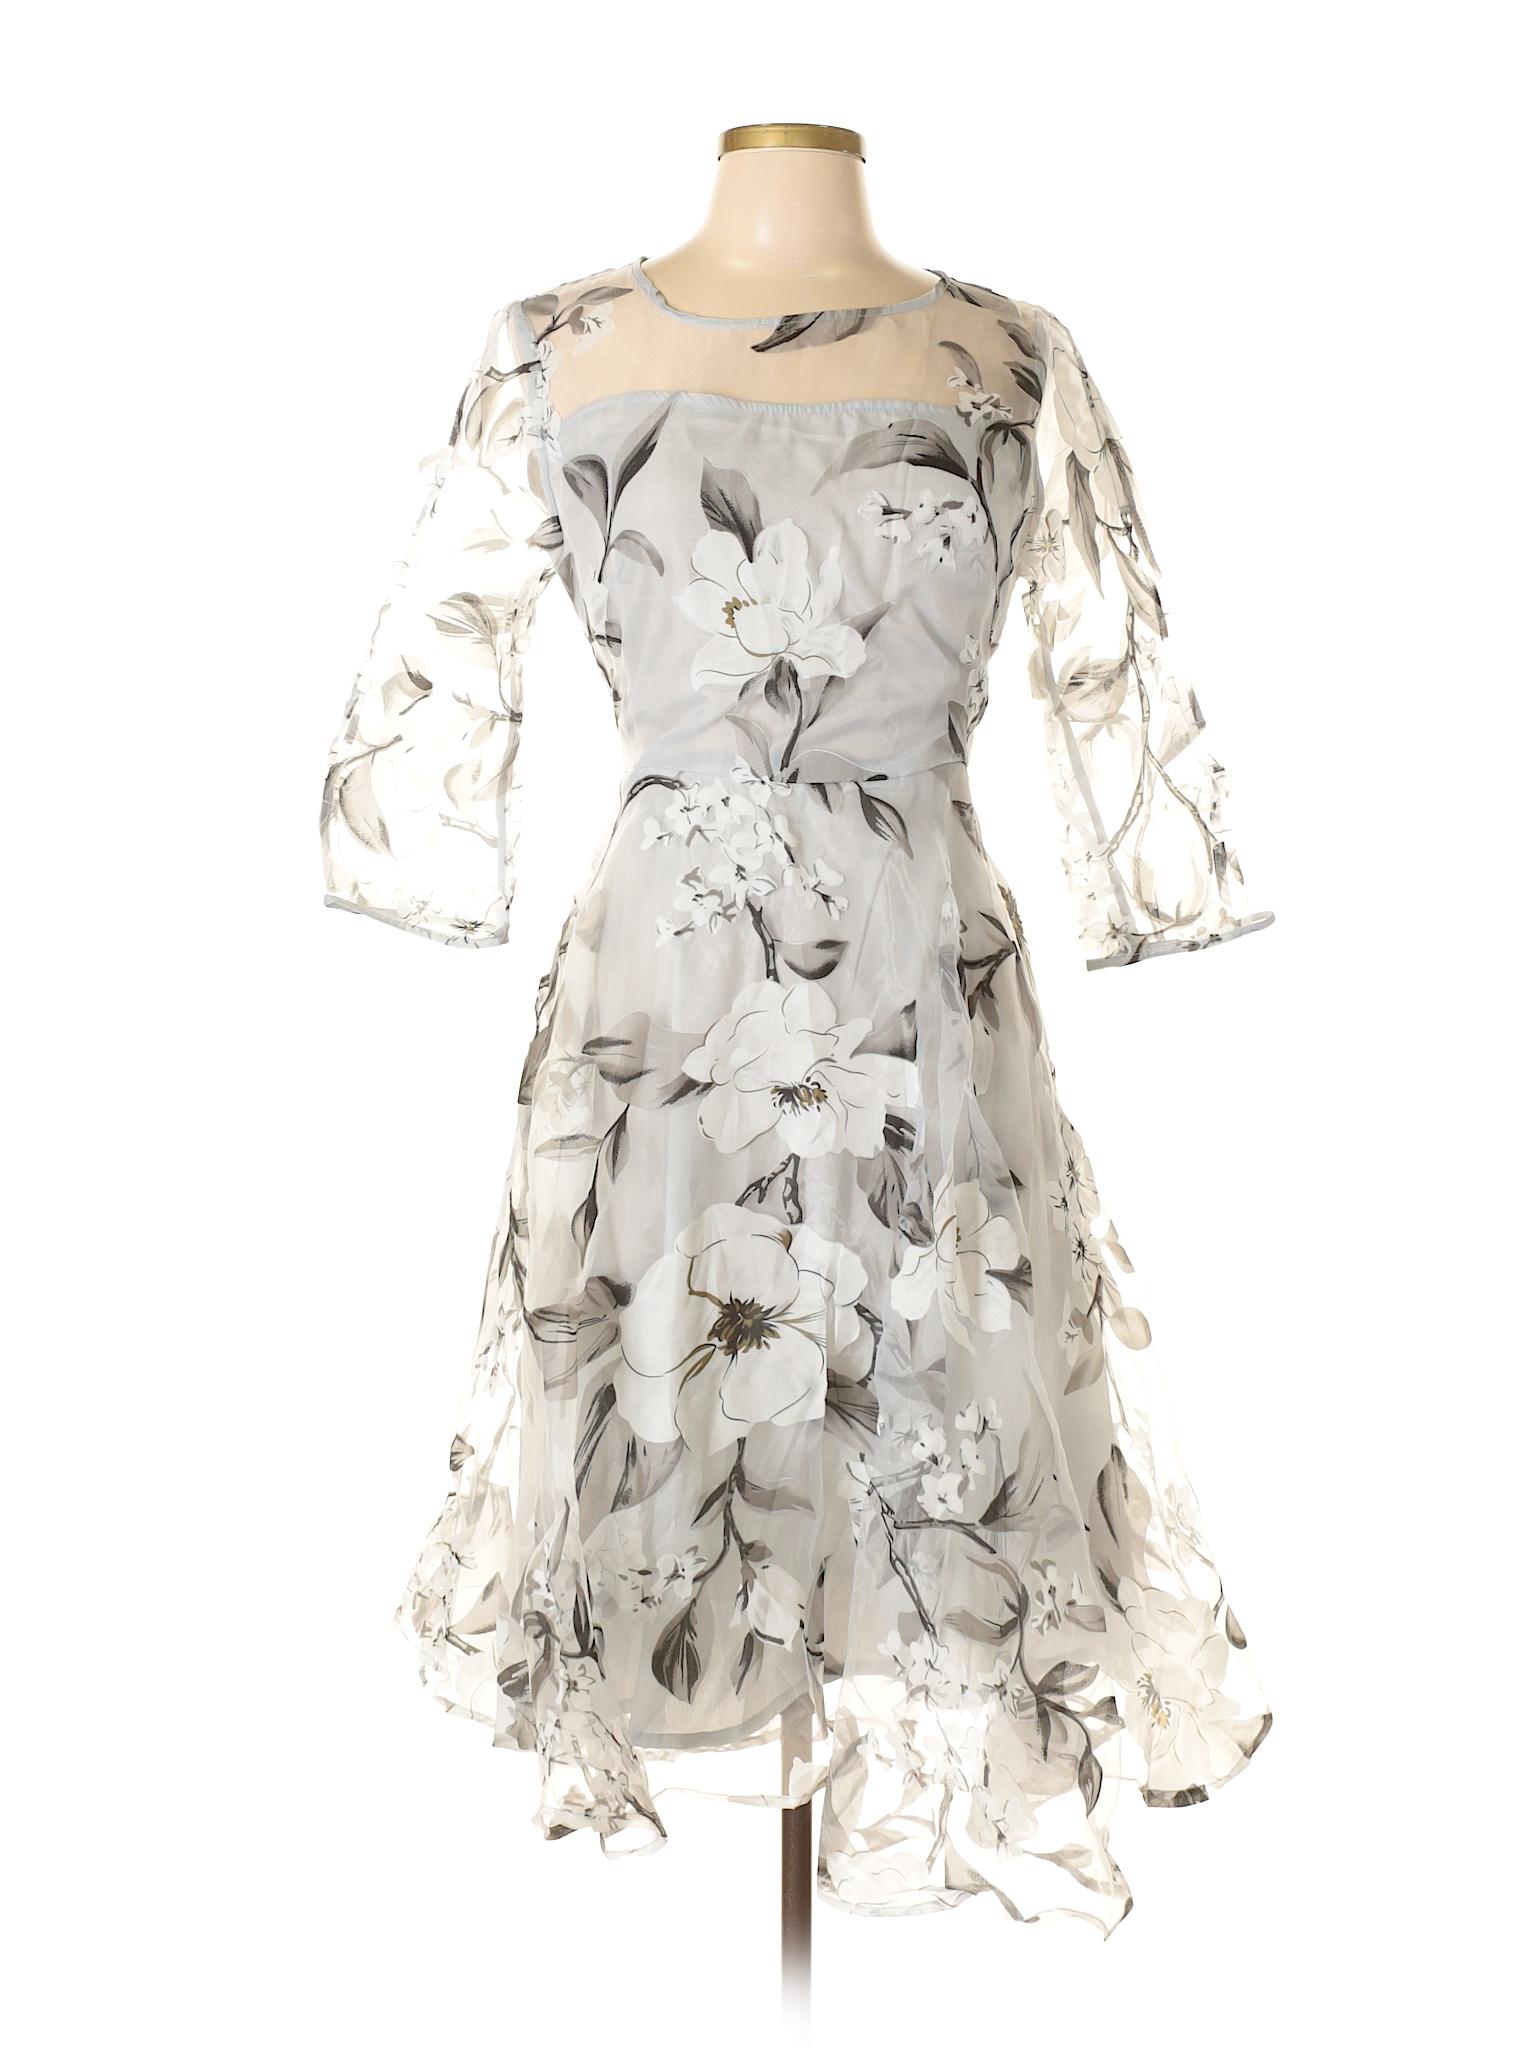 8c044d7a04 Fashion Mia 100% Cotton Print Gray Cocktail Dress Size XL - 63% off ...